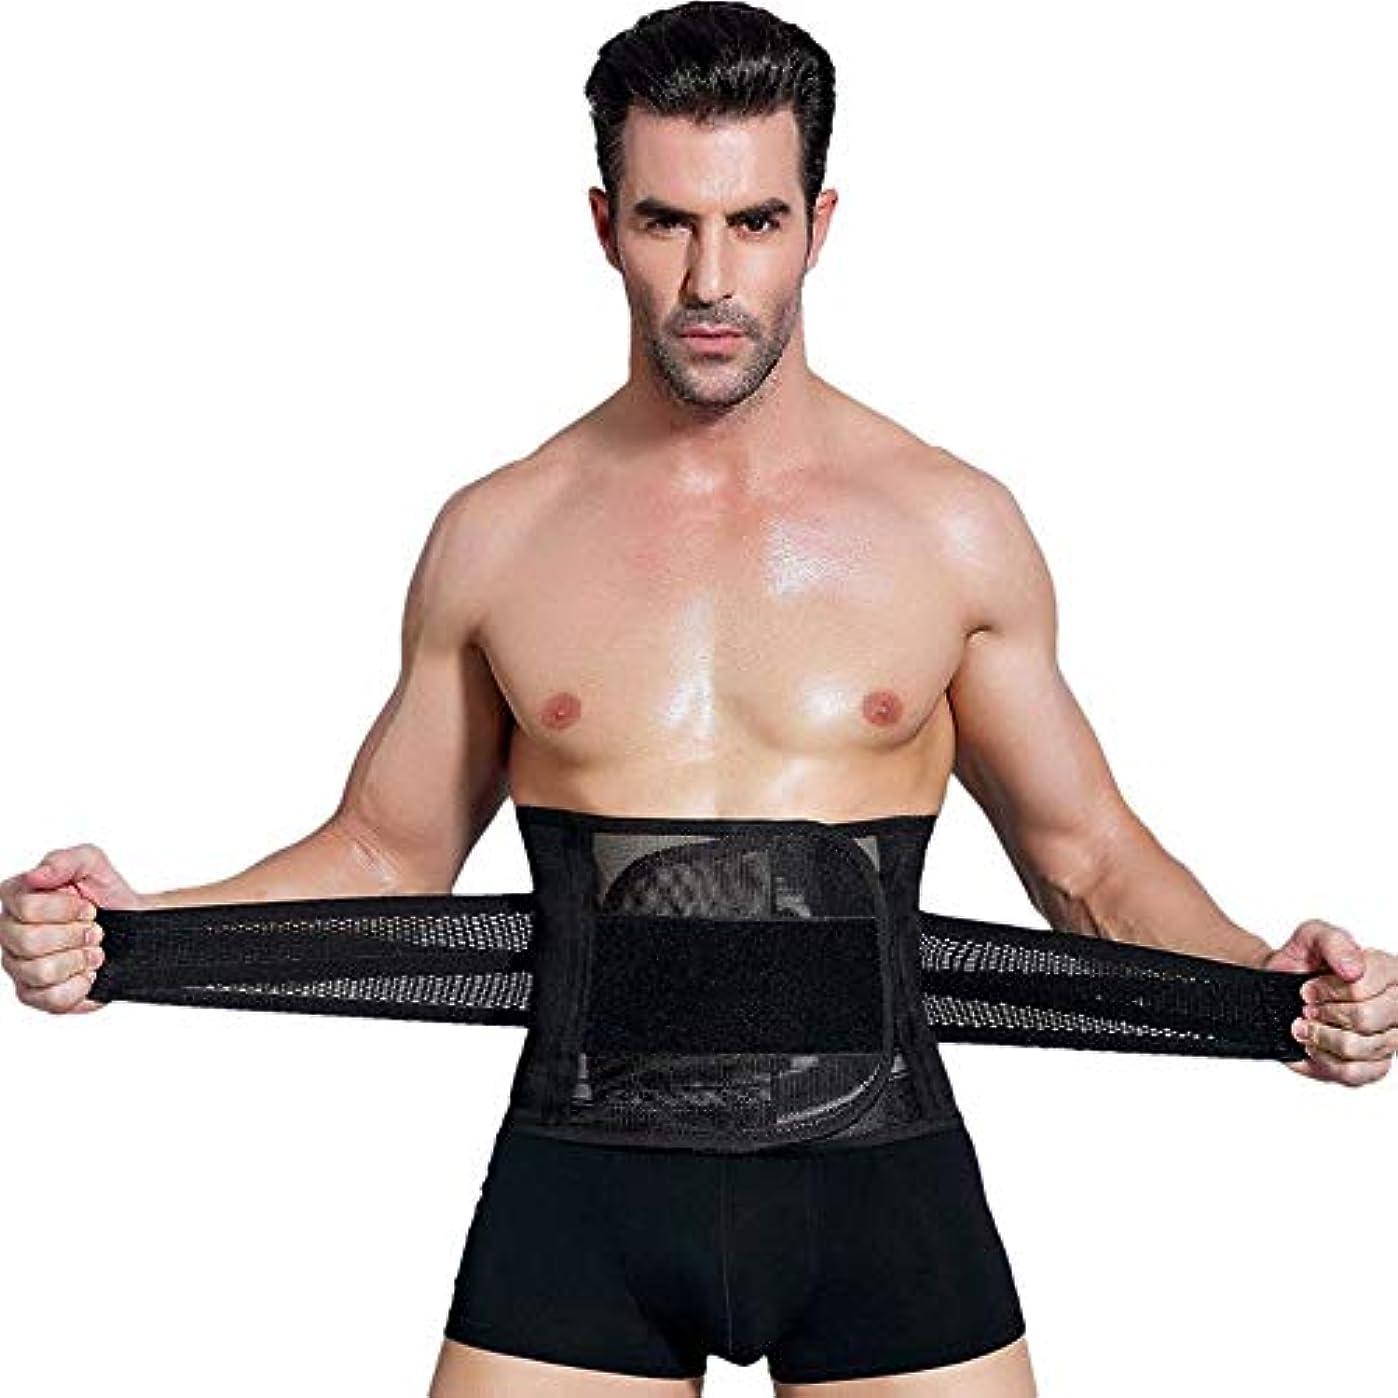 安定したハント高層ビル男性ボディシェイパーコルセット腹部おなかコントロールウエストトレーナーニッパー脂肪燃焼ガードル痩身腹ベルト用男性 - ブラックXXL